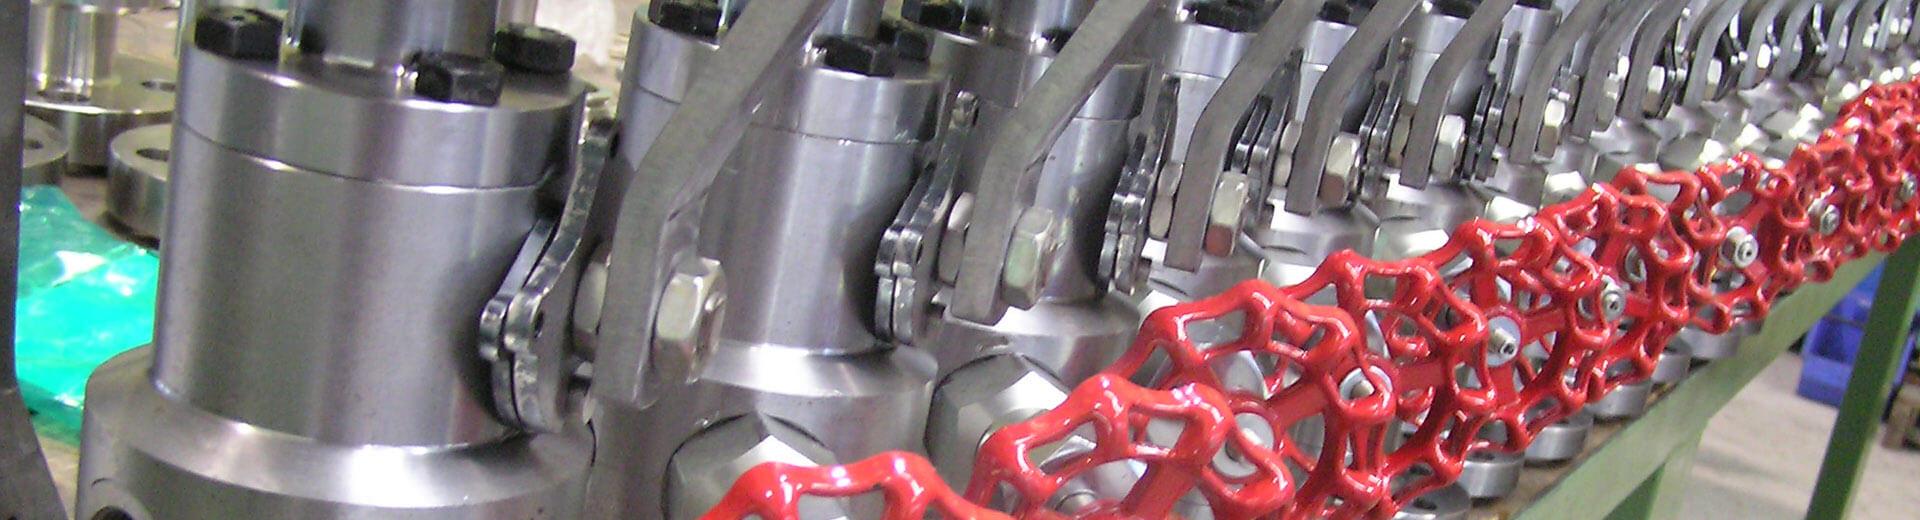 Steeltrade-valvole-industriali_3-1